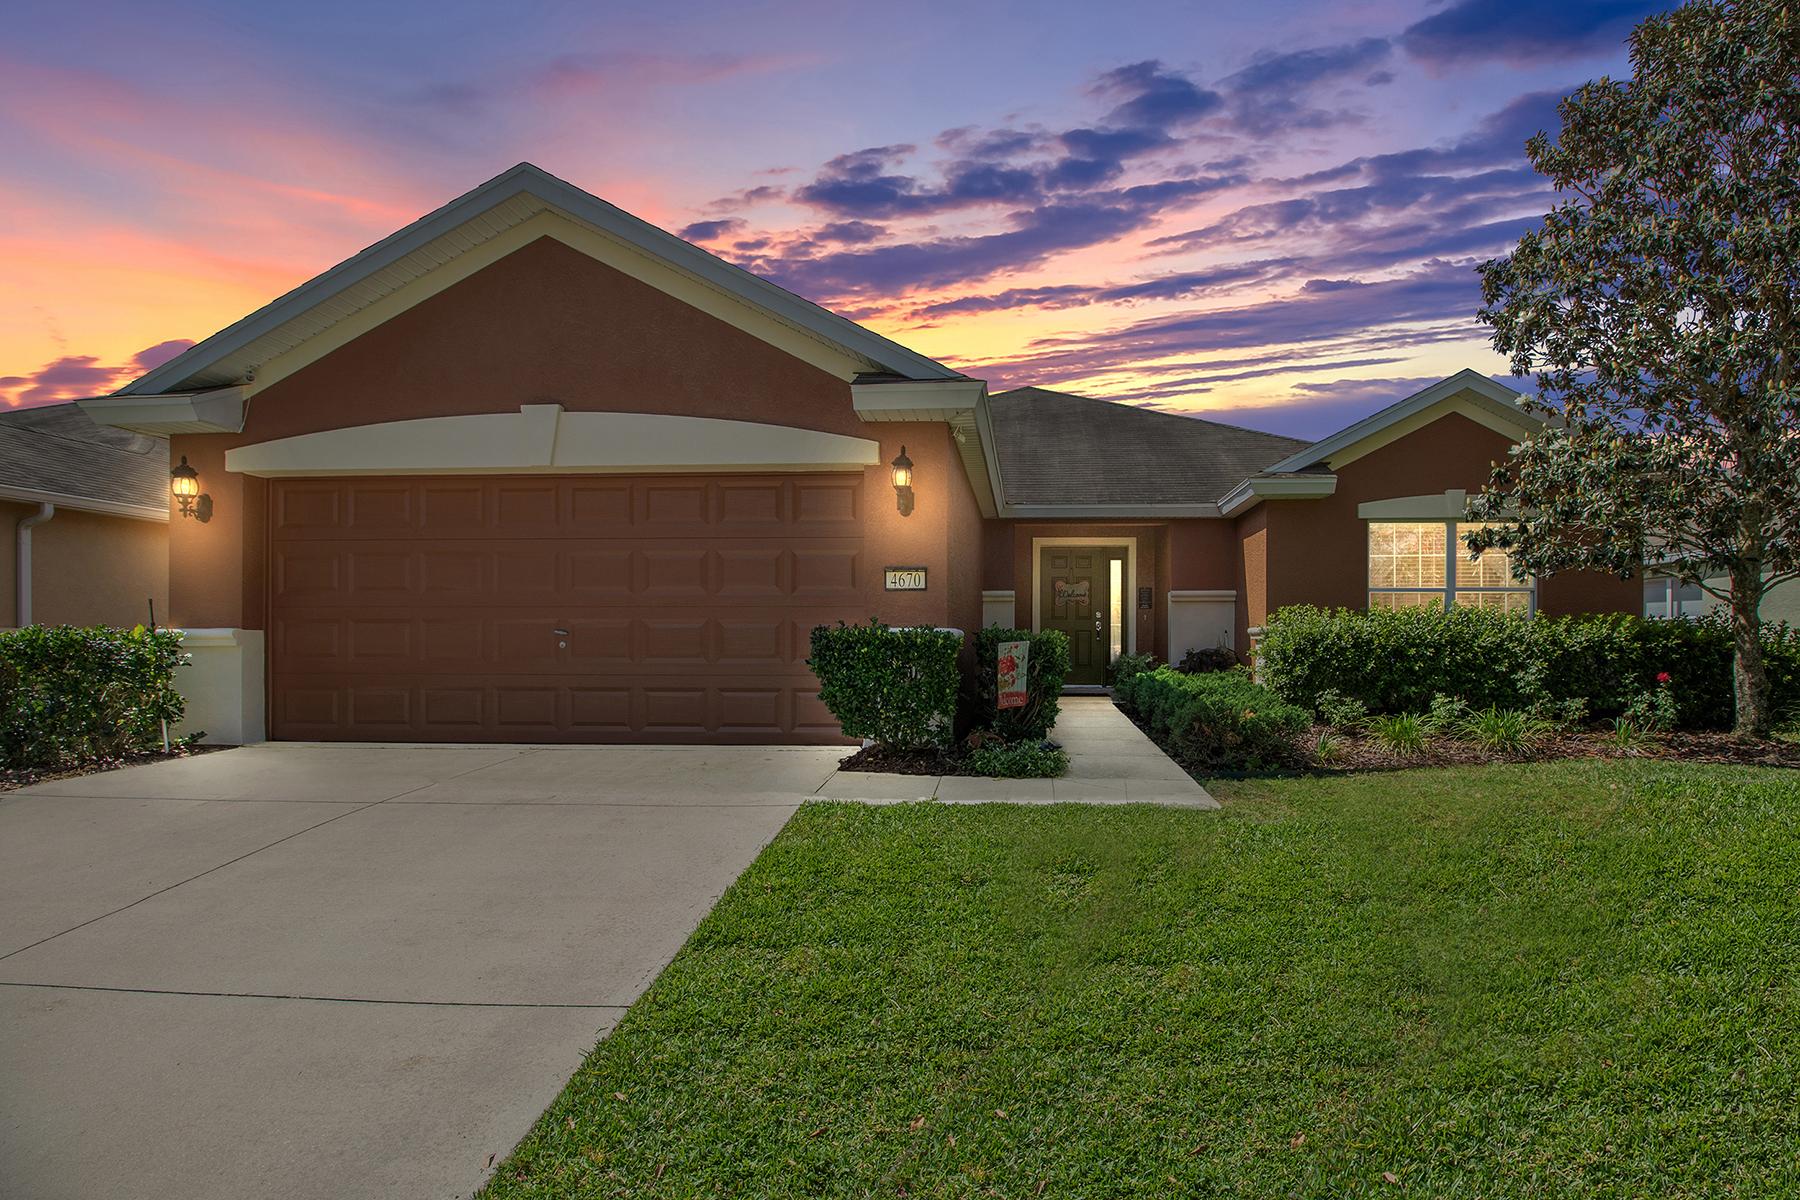 Single Family Homes für Verkauf beim OCALA 4670 SW 40TH LANE, Ocala, Florida 34474 Vereinigte Staaten